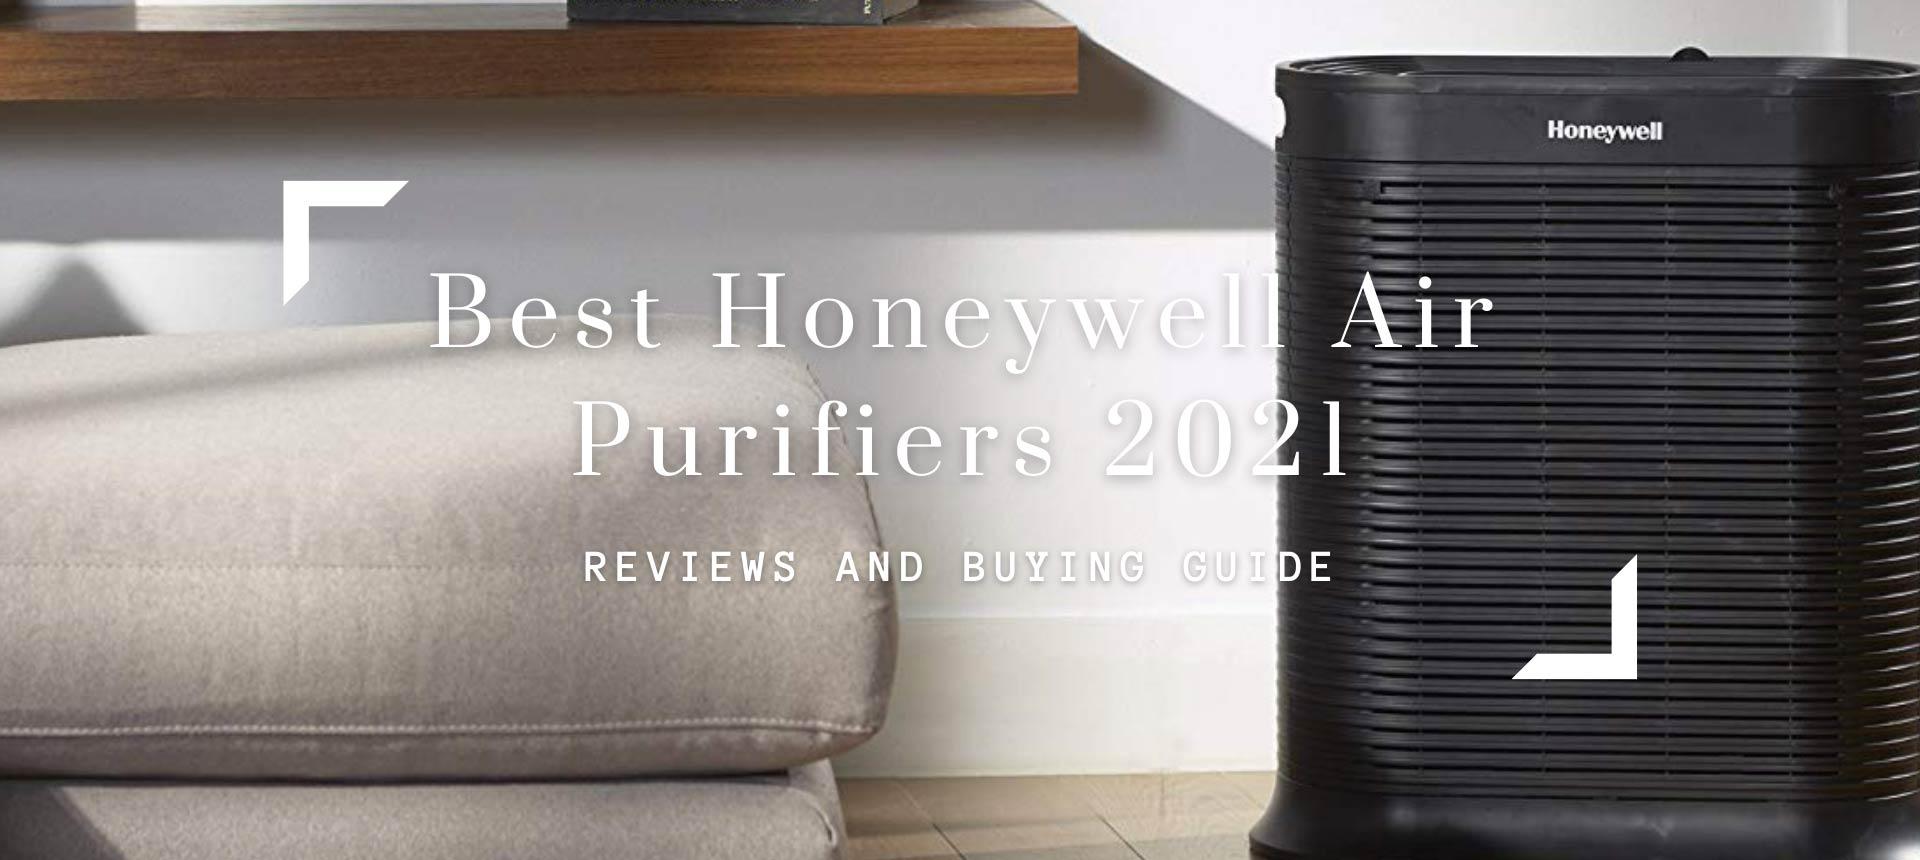 Best Honeywell Air Purifiers 2021-Best Model, Reviews